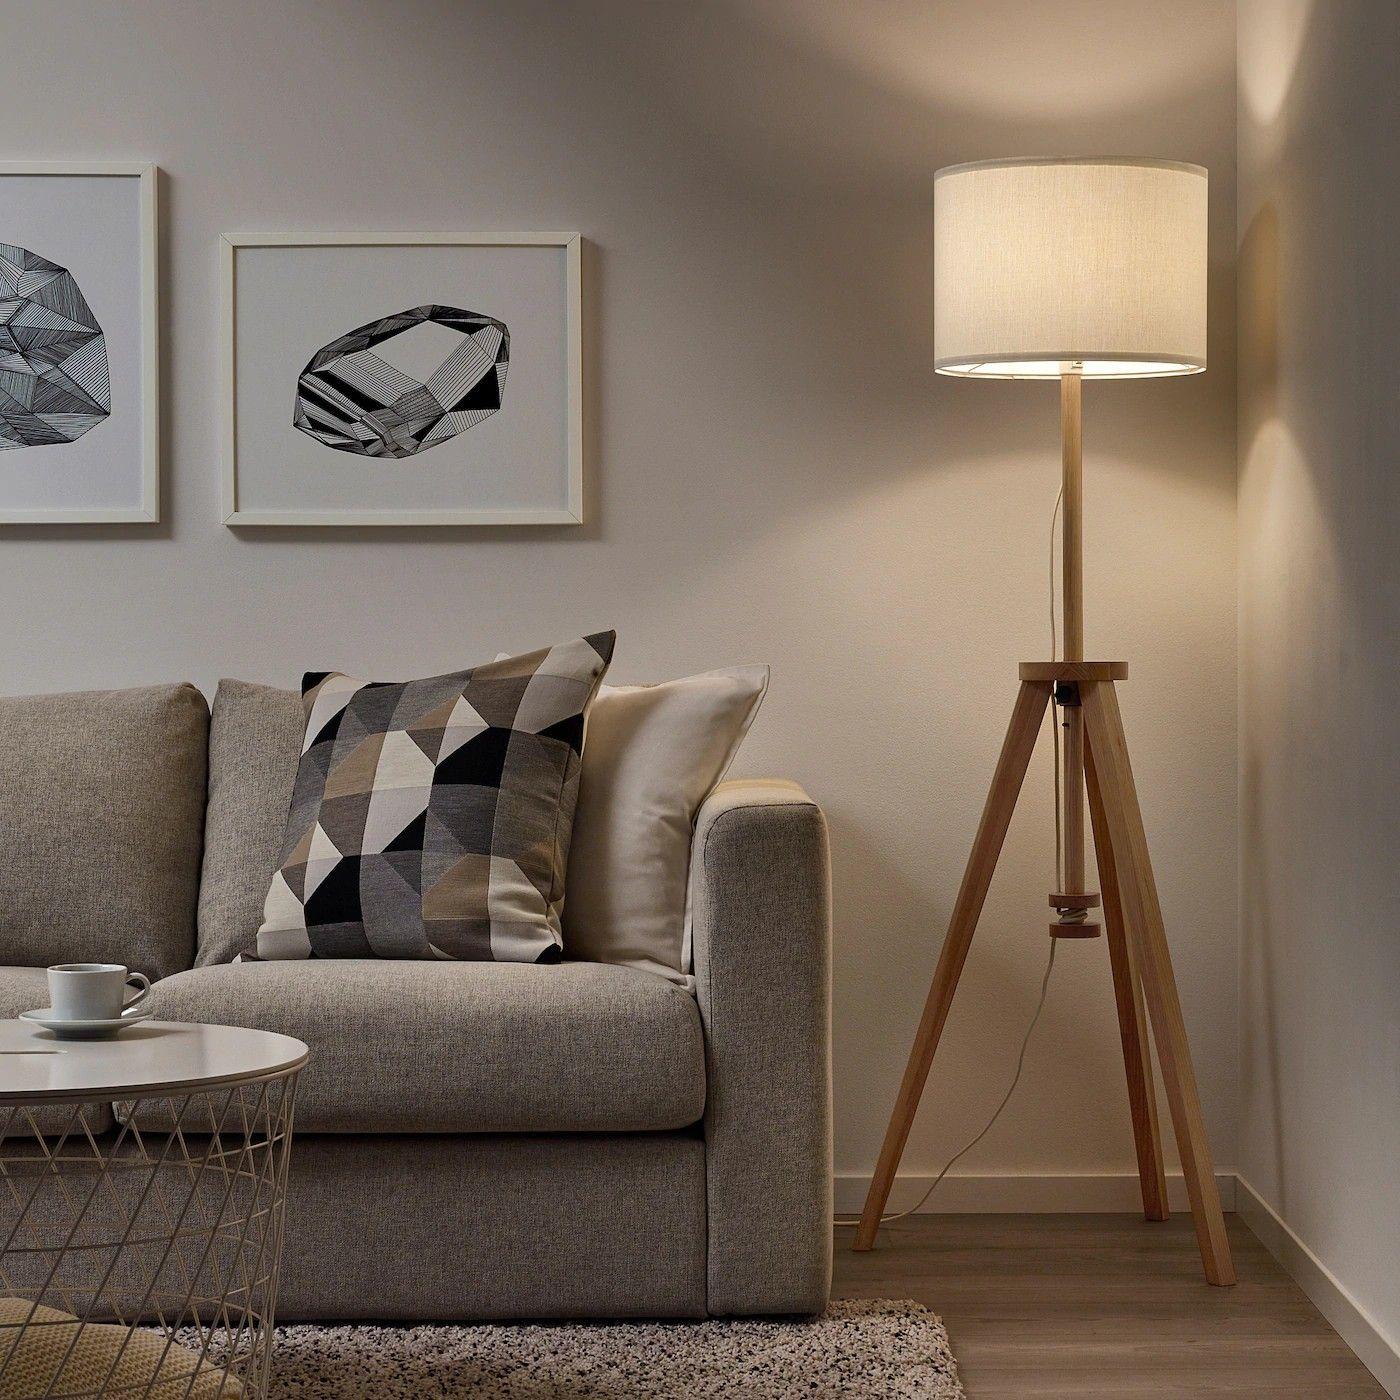 Pin von Helena auf Wohnzimmer in 7  Stehlampe weiß